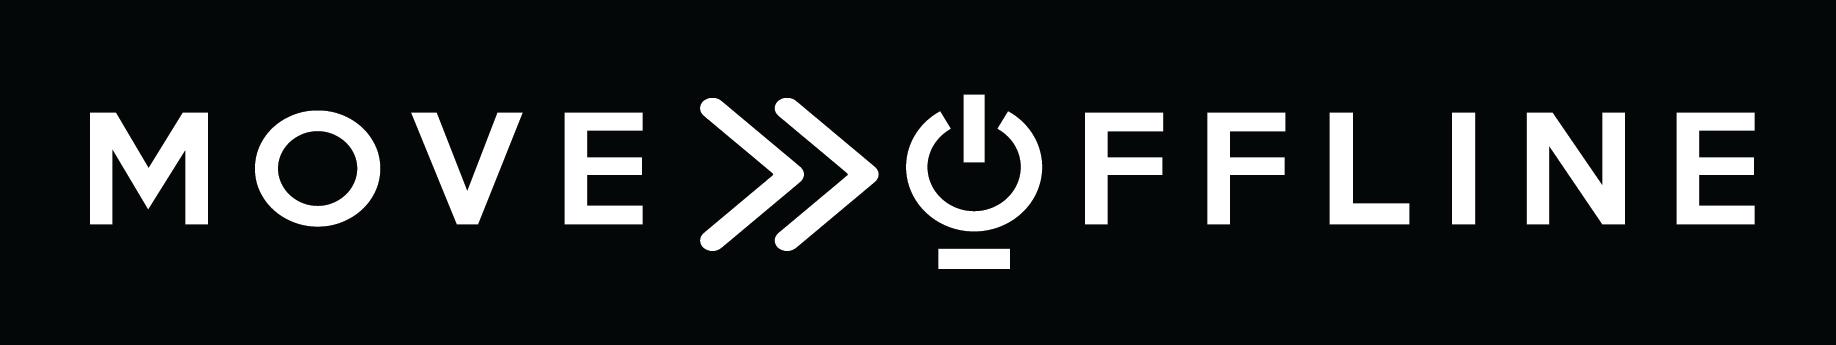 move-offline-logo-blackandwhite (1).png